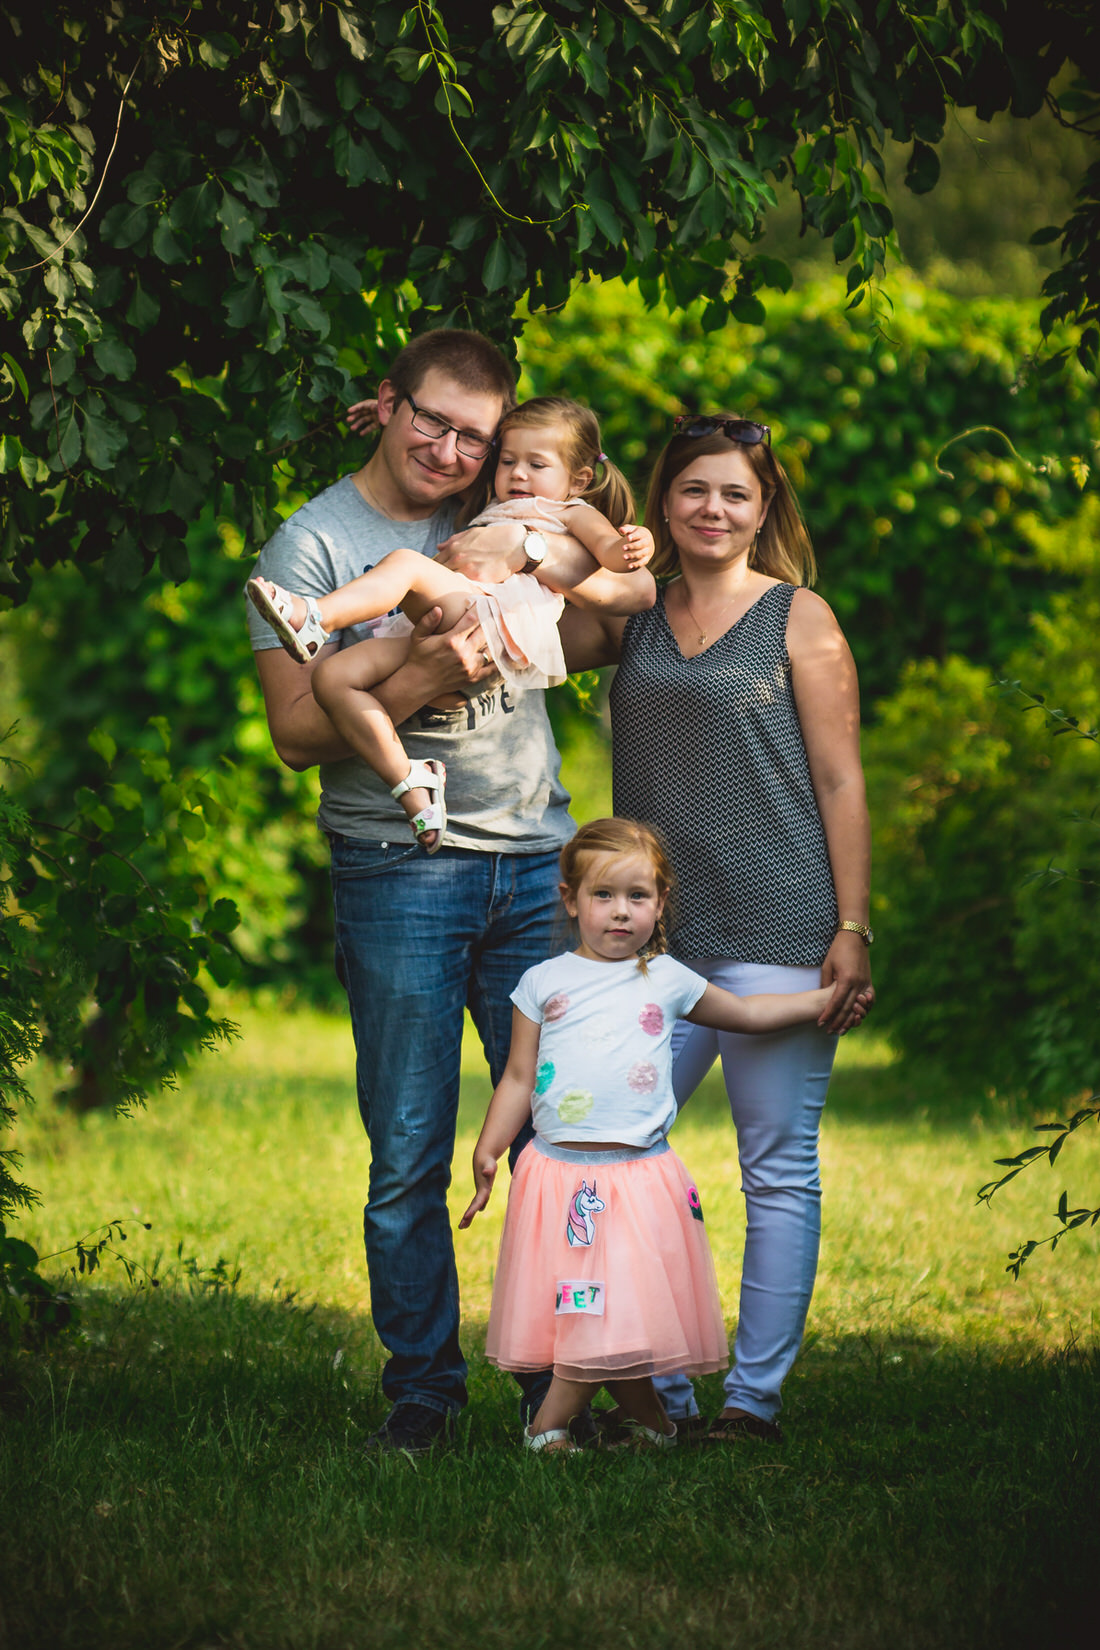 łódź fotograf rodzinny